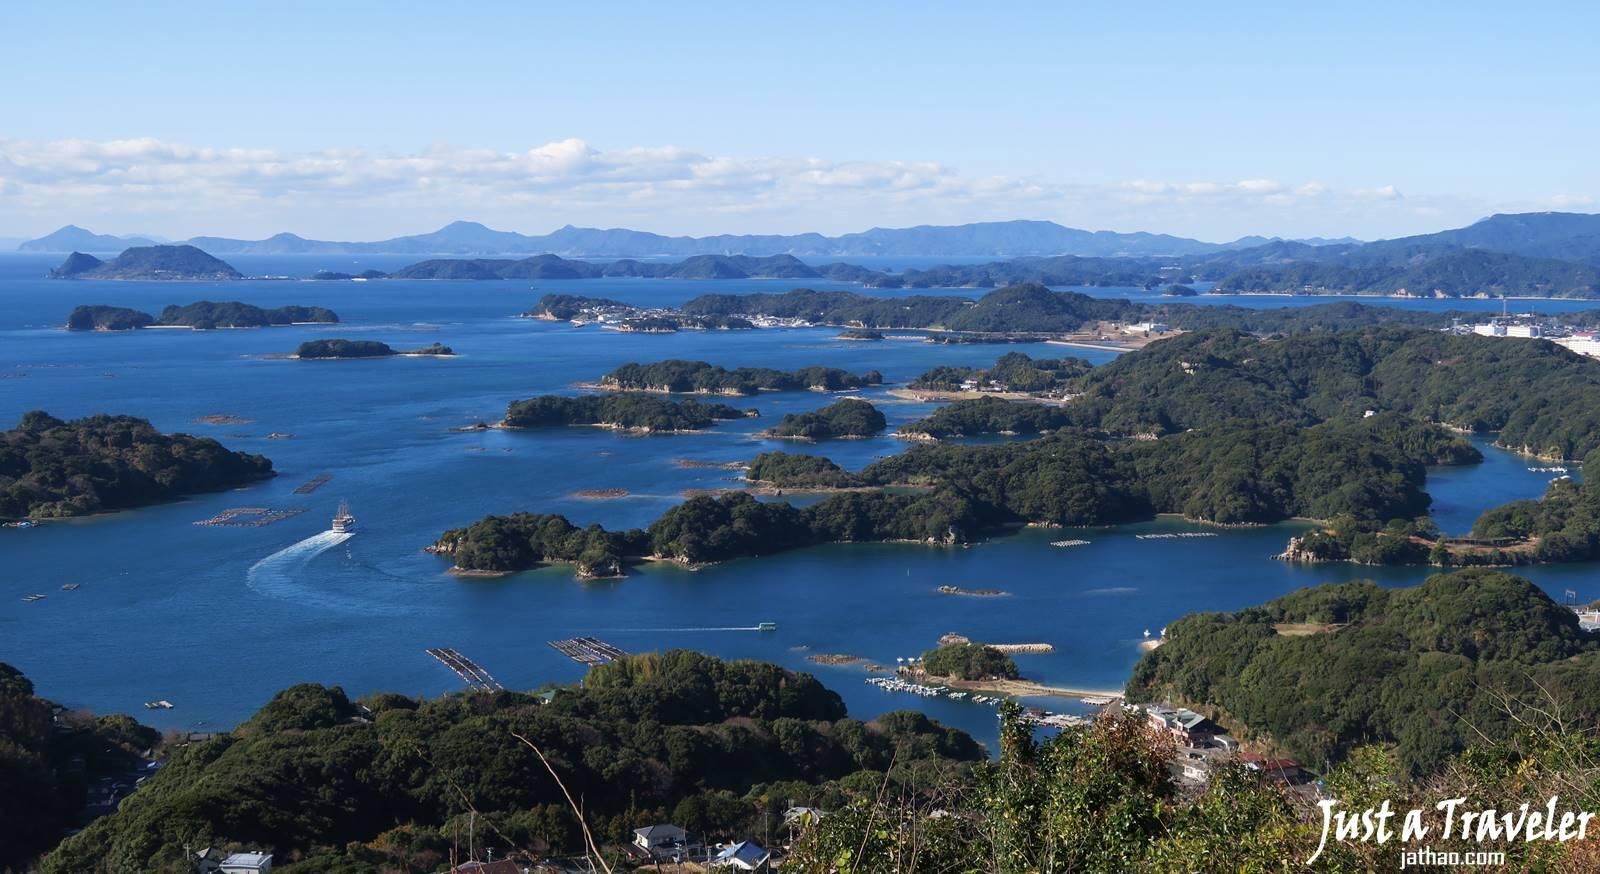 九州-推薦-景點-必玩-必去-行程-影片-遊記-好玩-日本-Kyushu